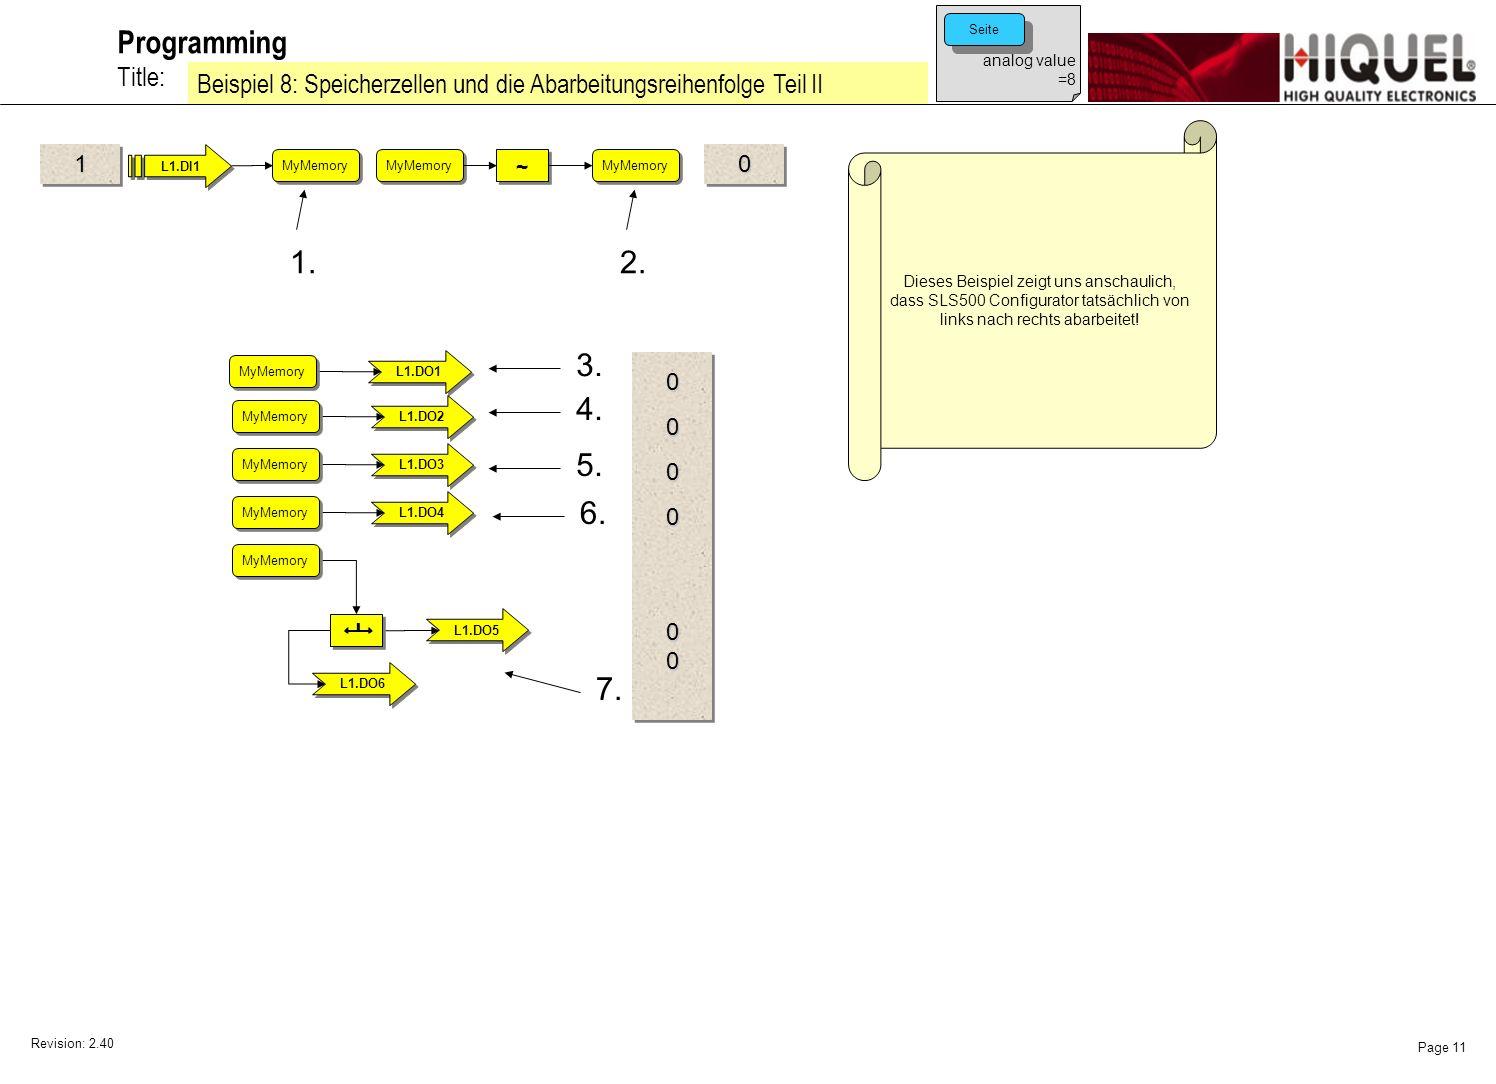 Revision: 2.40 Page 11 Title: Programming Beispiel 8: Speicherzellen und die Abarbeitungsreihenfolge Teil II analog value =8 Seite Dieses Beispiel zeigt uns anschaulich, dass SLS500 Configurator tatsächlich von links nach rechts abarbeitet.